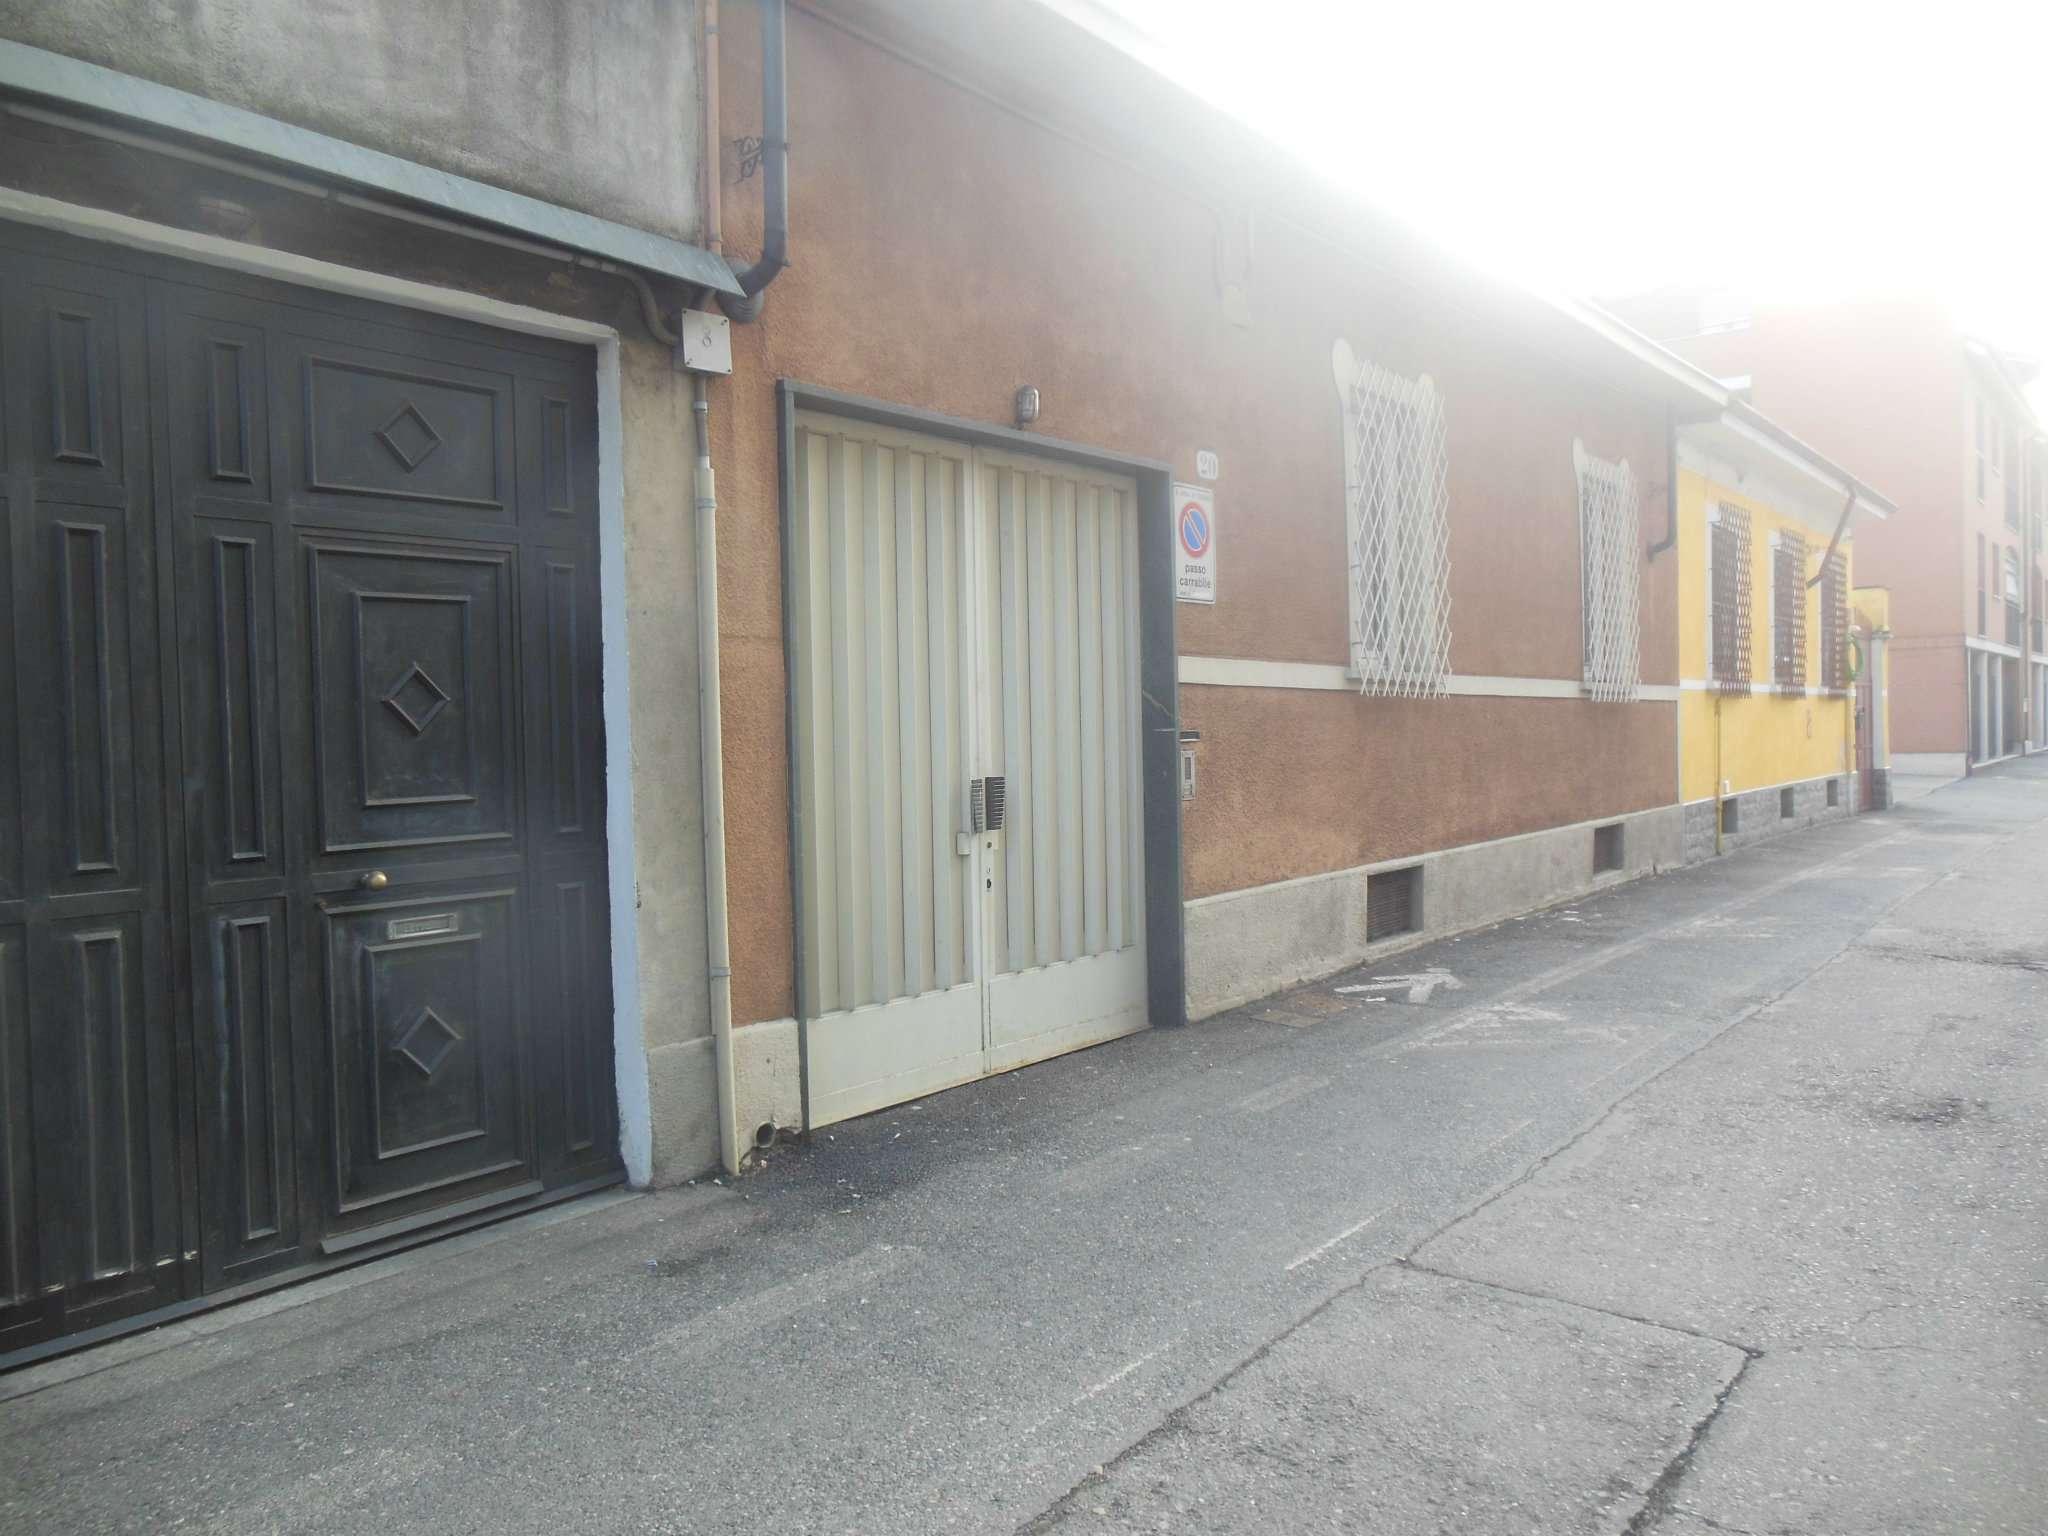 Foto 1 di Villetta via Stradella 238/20, Torino (zona Madonna di Campagna, Borgo Vittoria, Barriera di Lanzo)